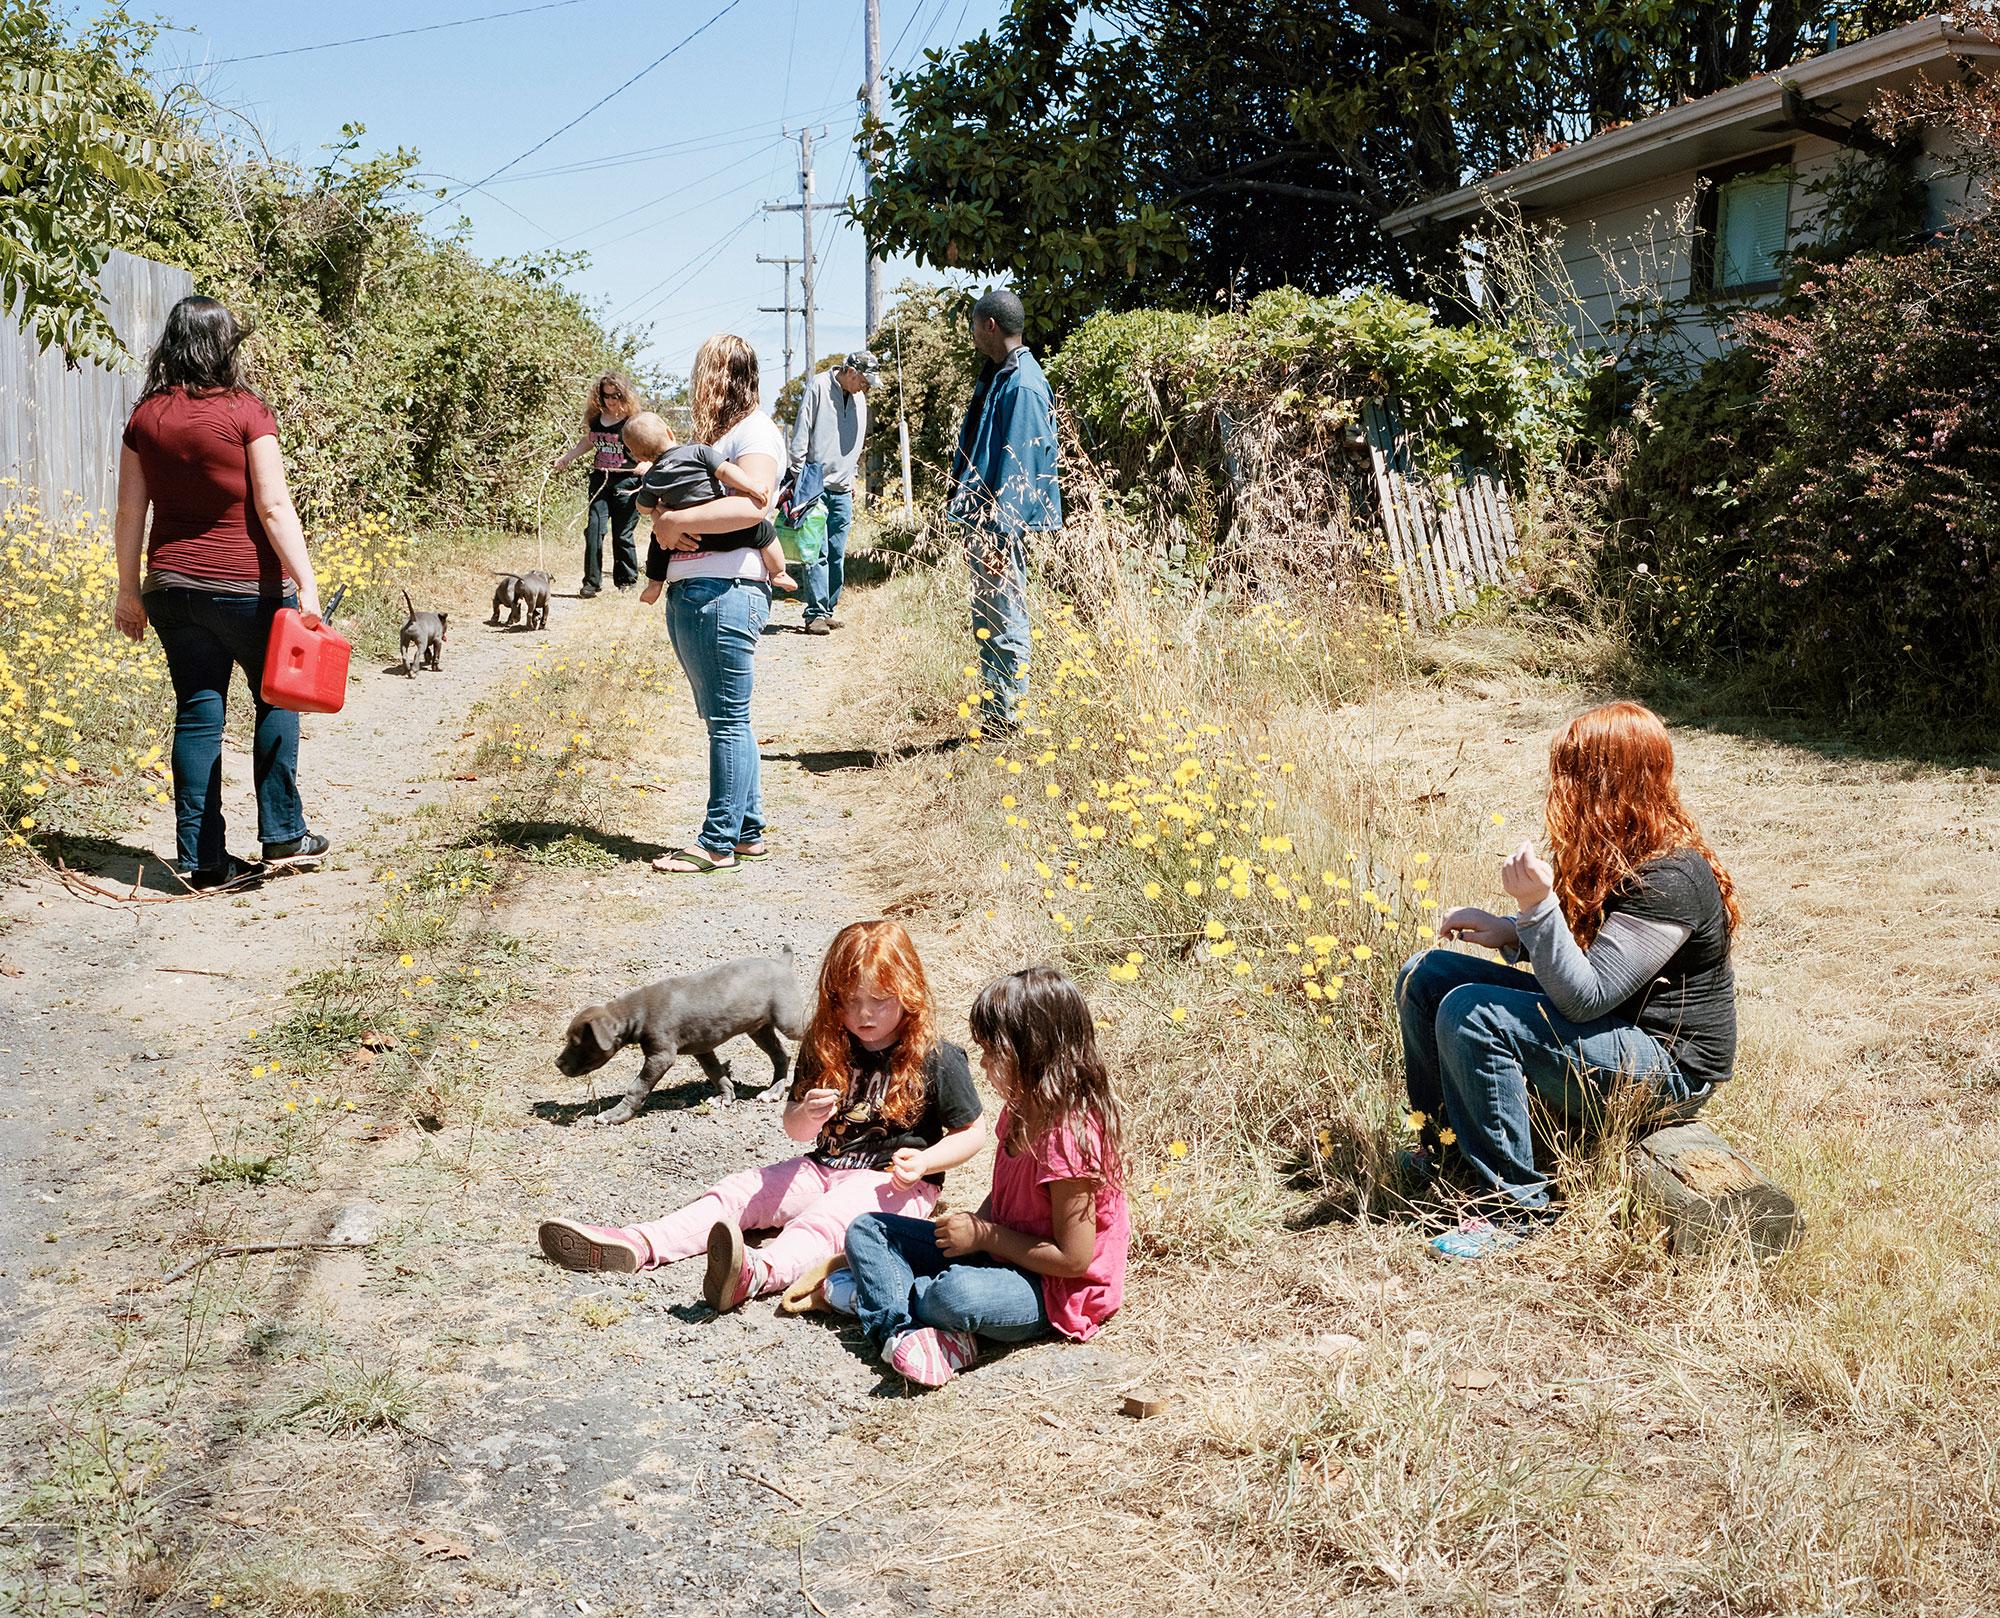 The Poetics of Documentary Photography